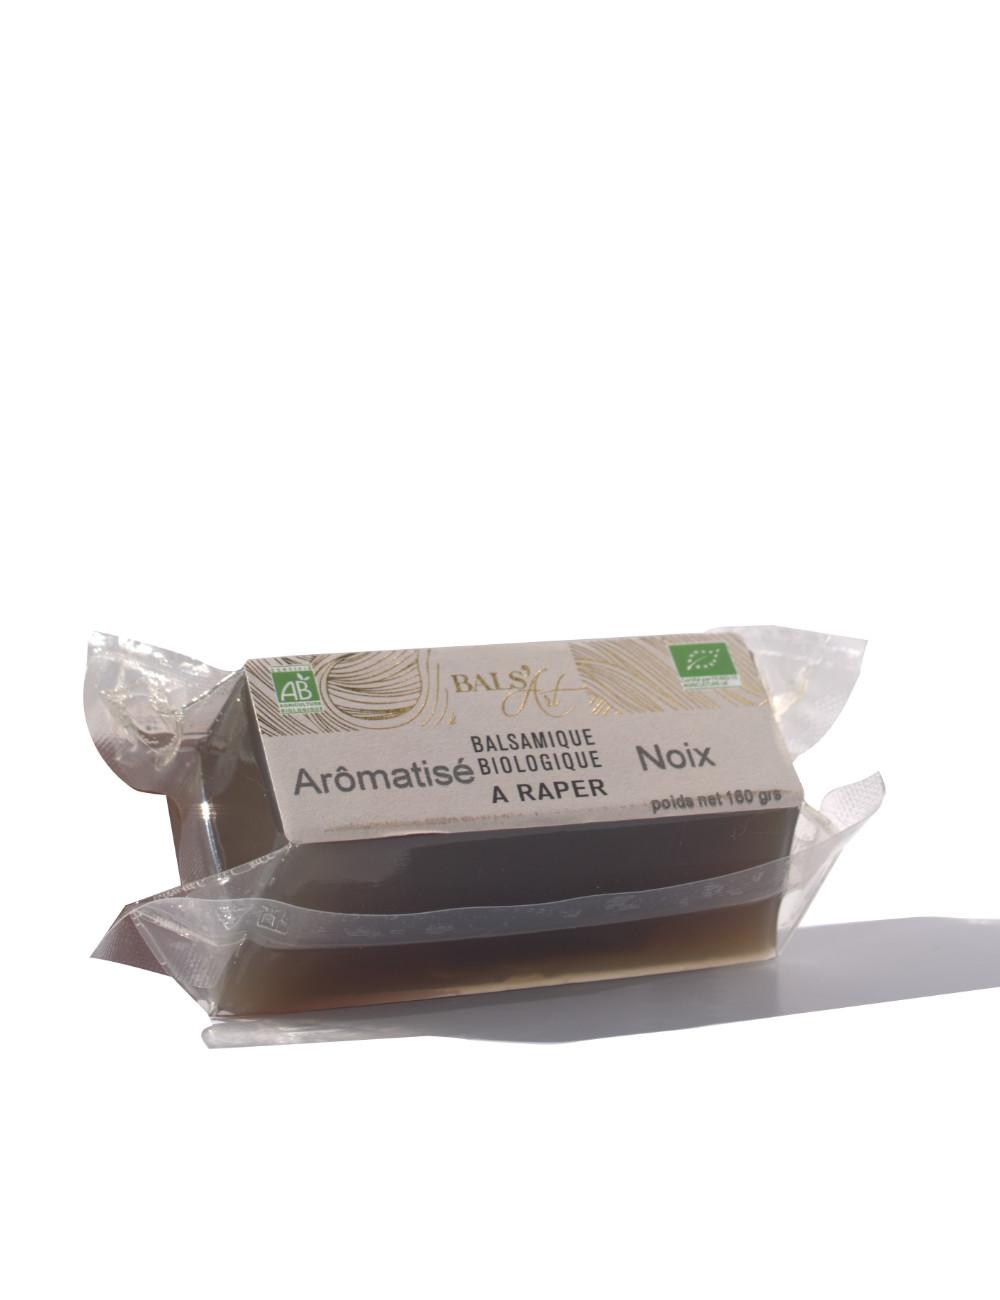 balsamique-raper-noix